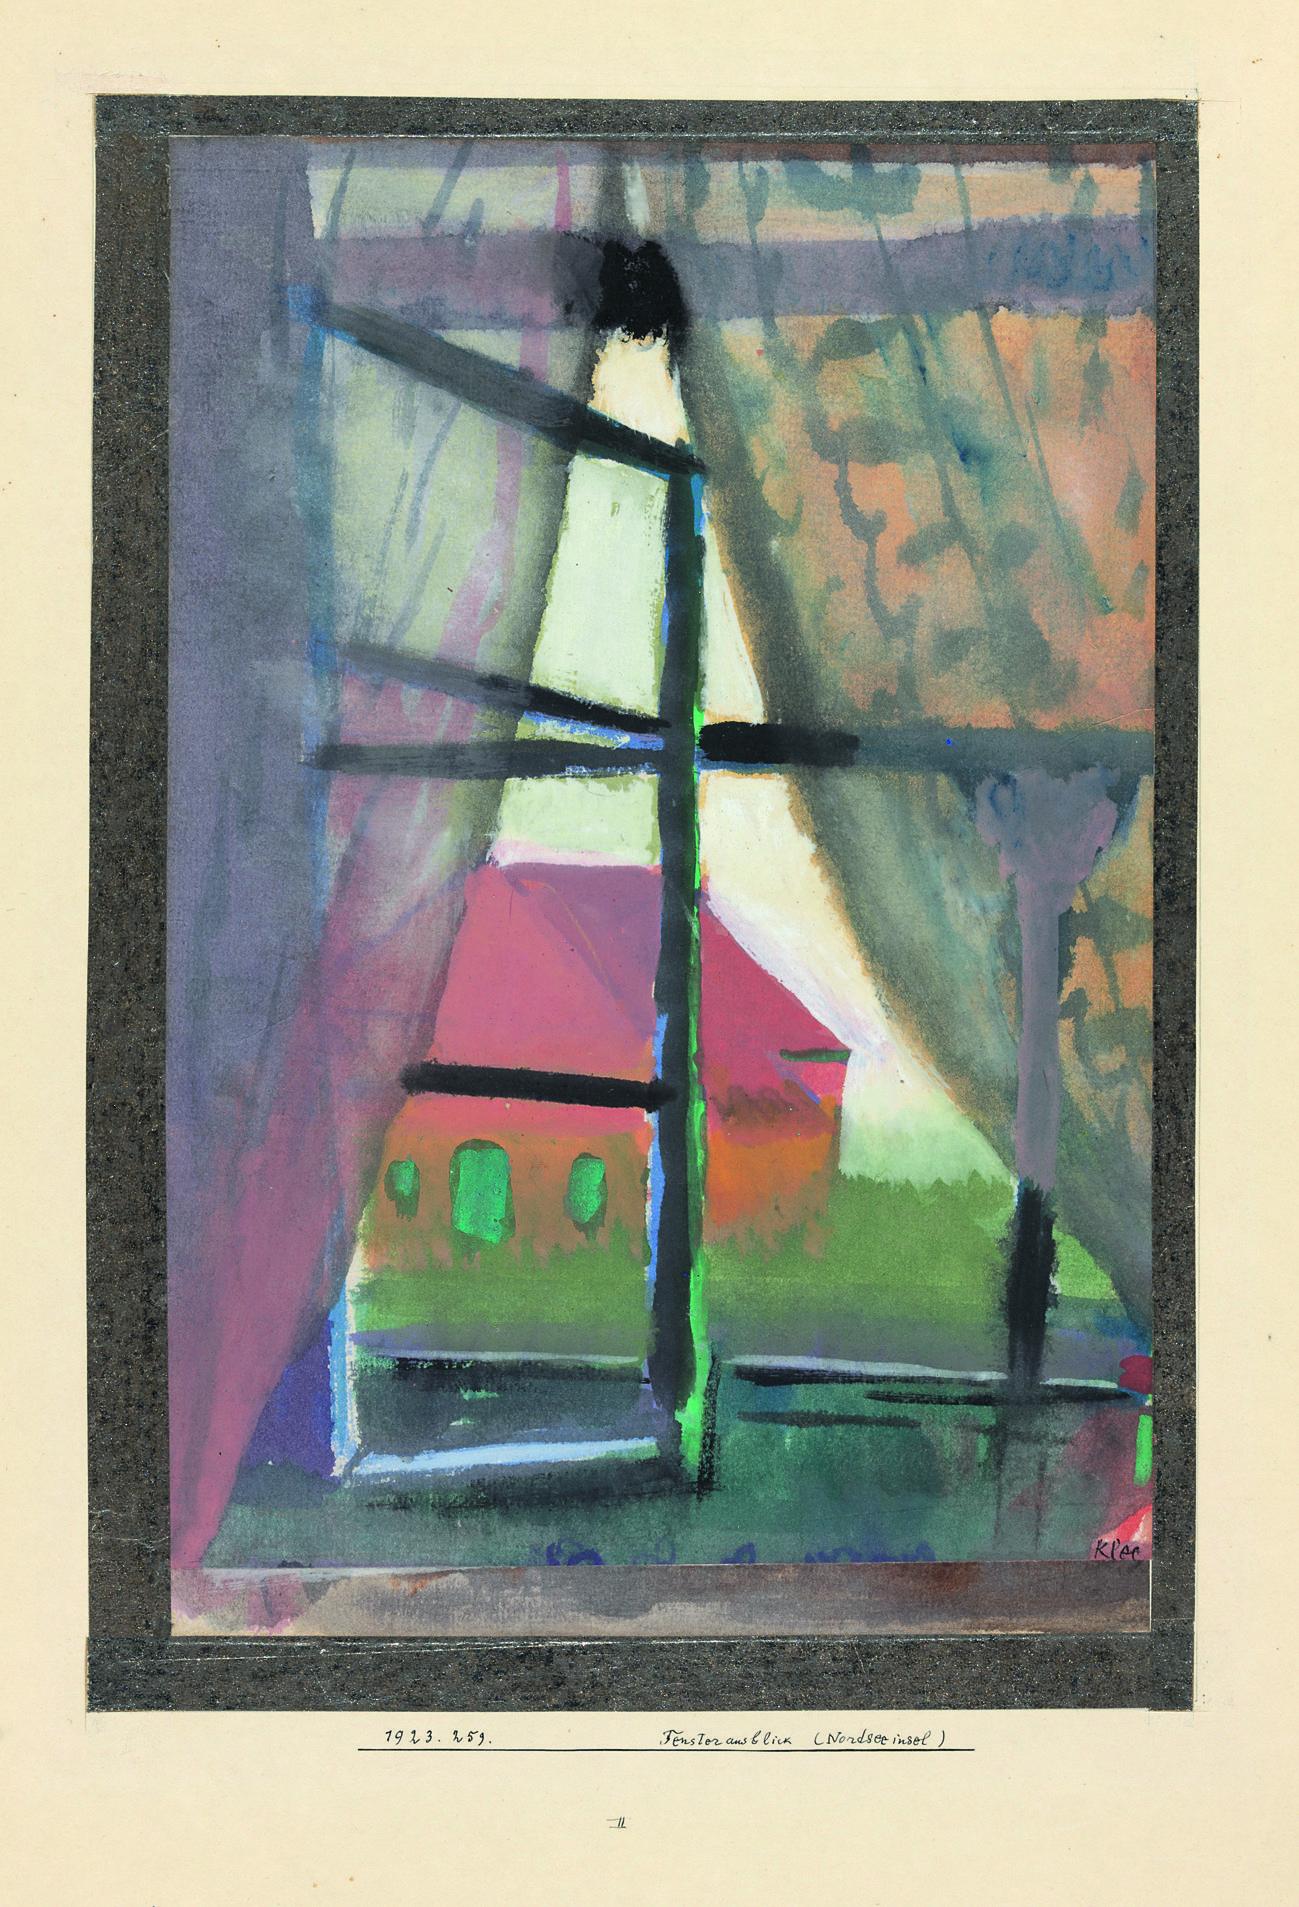 Fensterausblick Nordseeinsel Les Arts Paul Klee Inspiration Art